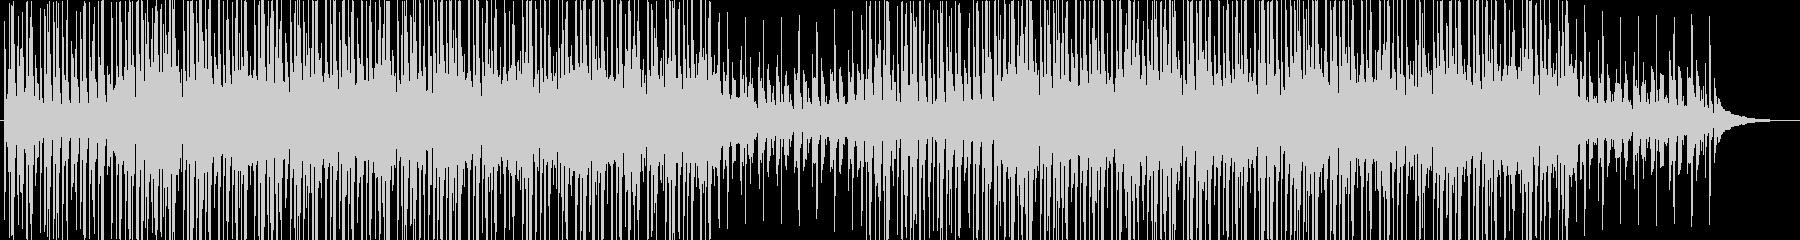 軽快でかわいい生音系ラグタイムの未再生の波形